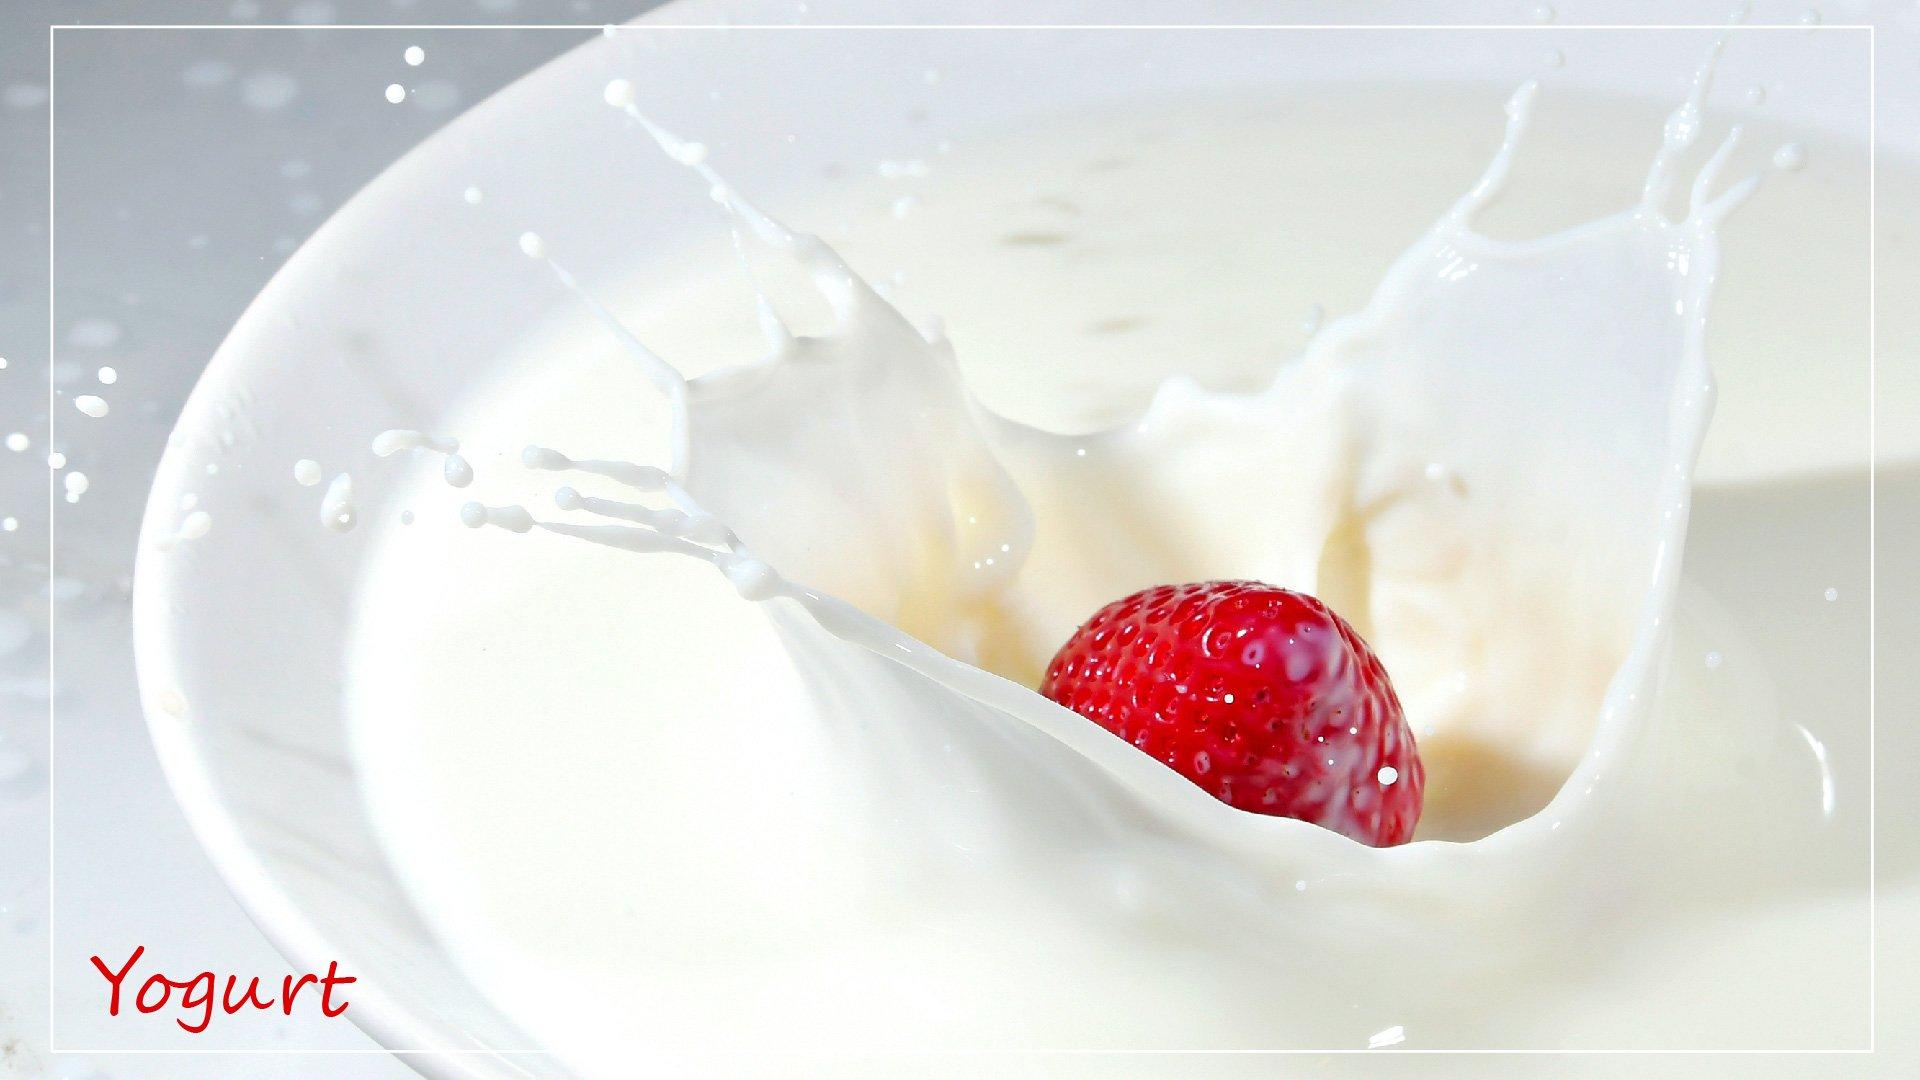 浸泡天然食材的浪漫|寵愛系儀式感,偶爾也要貴婦一下!